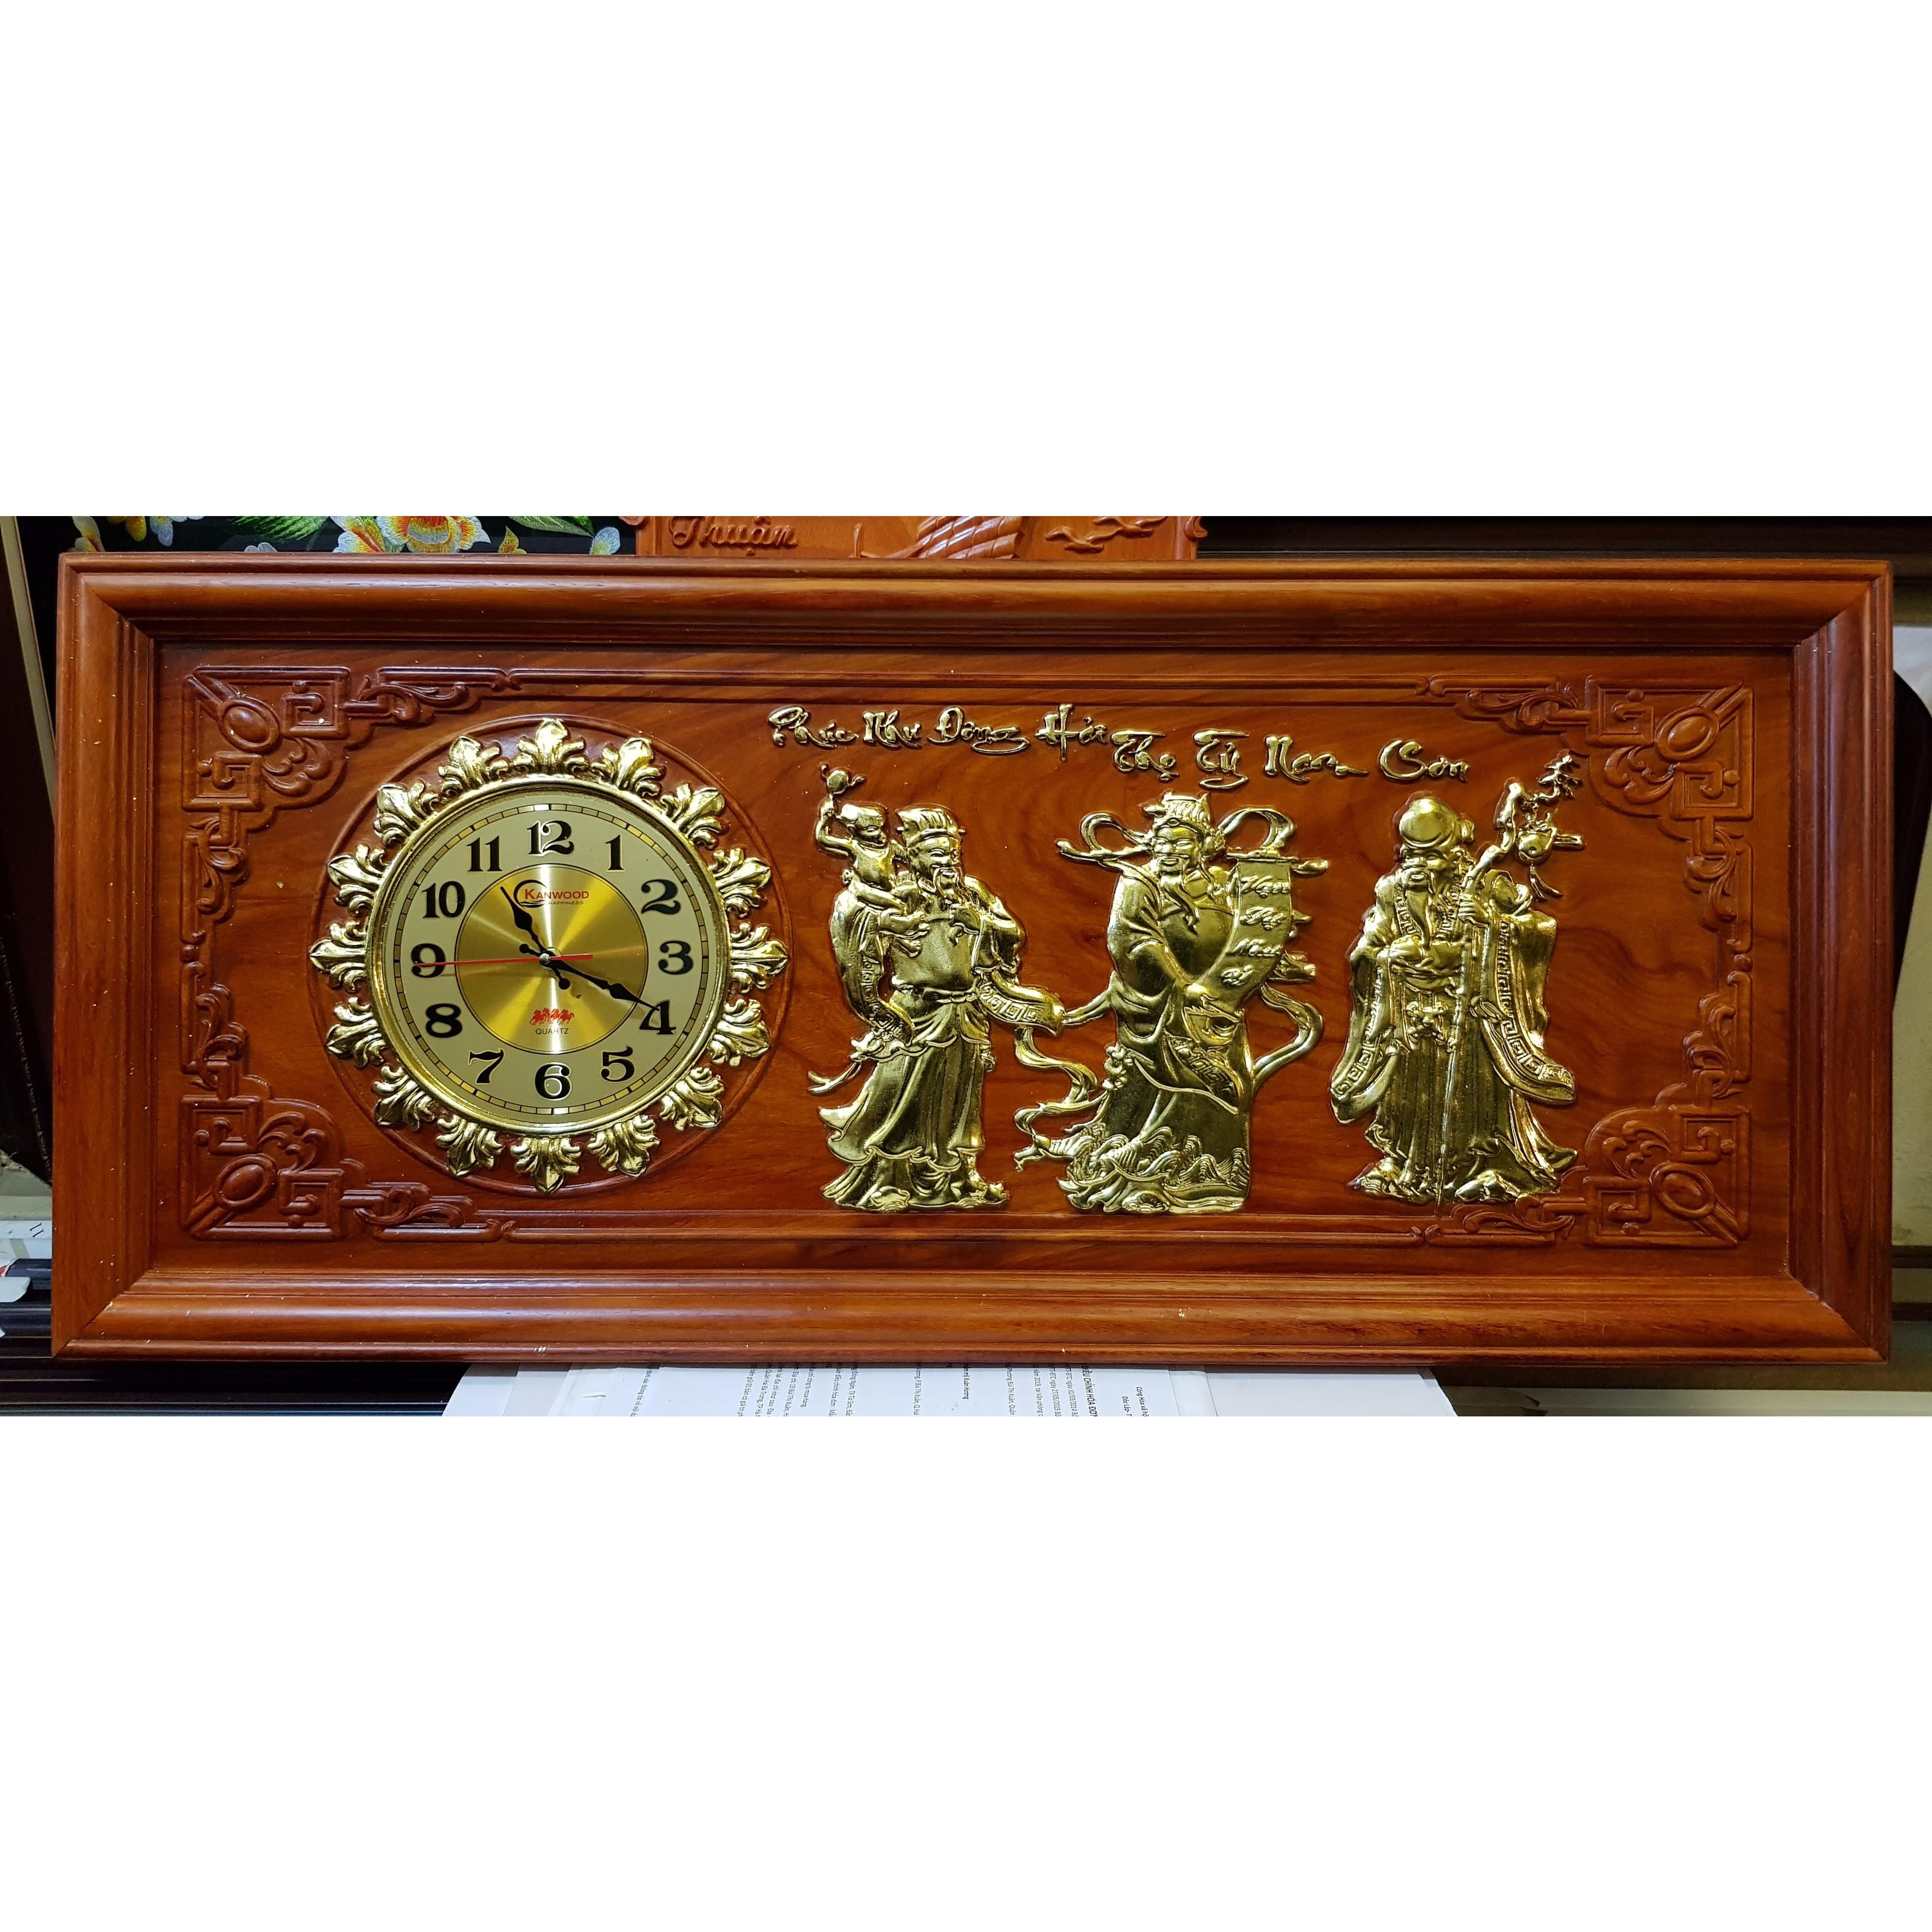 Tranh đồng hồ gỗ hương đục nổi mạ vàng  - Phúc Lộc Thọ- Tam Đa-Tg268